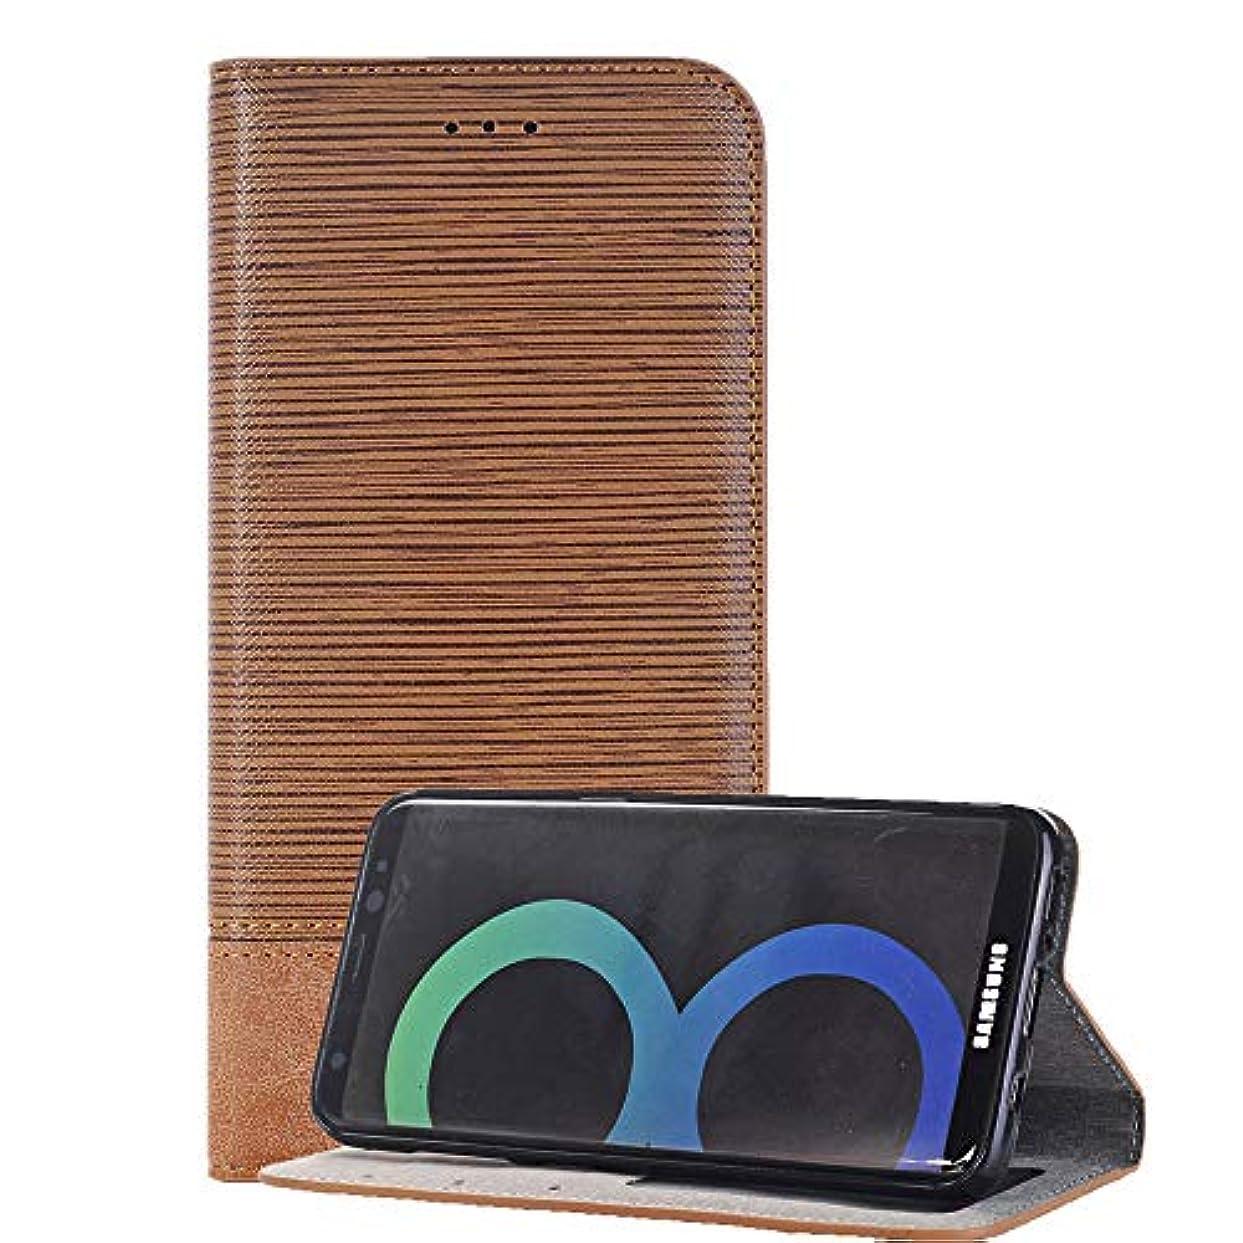 リールインフレーション増強するSamsung Galaxy S8 手帳型 ケース ギャラクシーs8 スマホケース カバー 脱着簡単 カードポケット 高品質 人気 おしゃれ カバー(ライトブラウン)